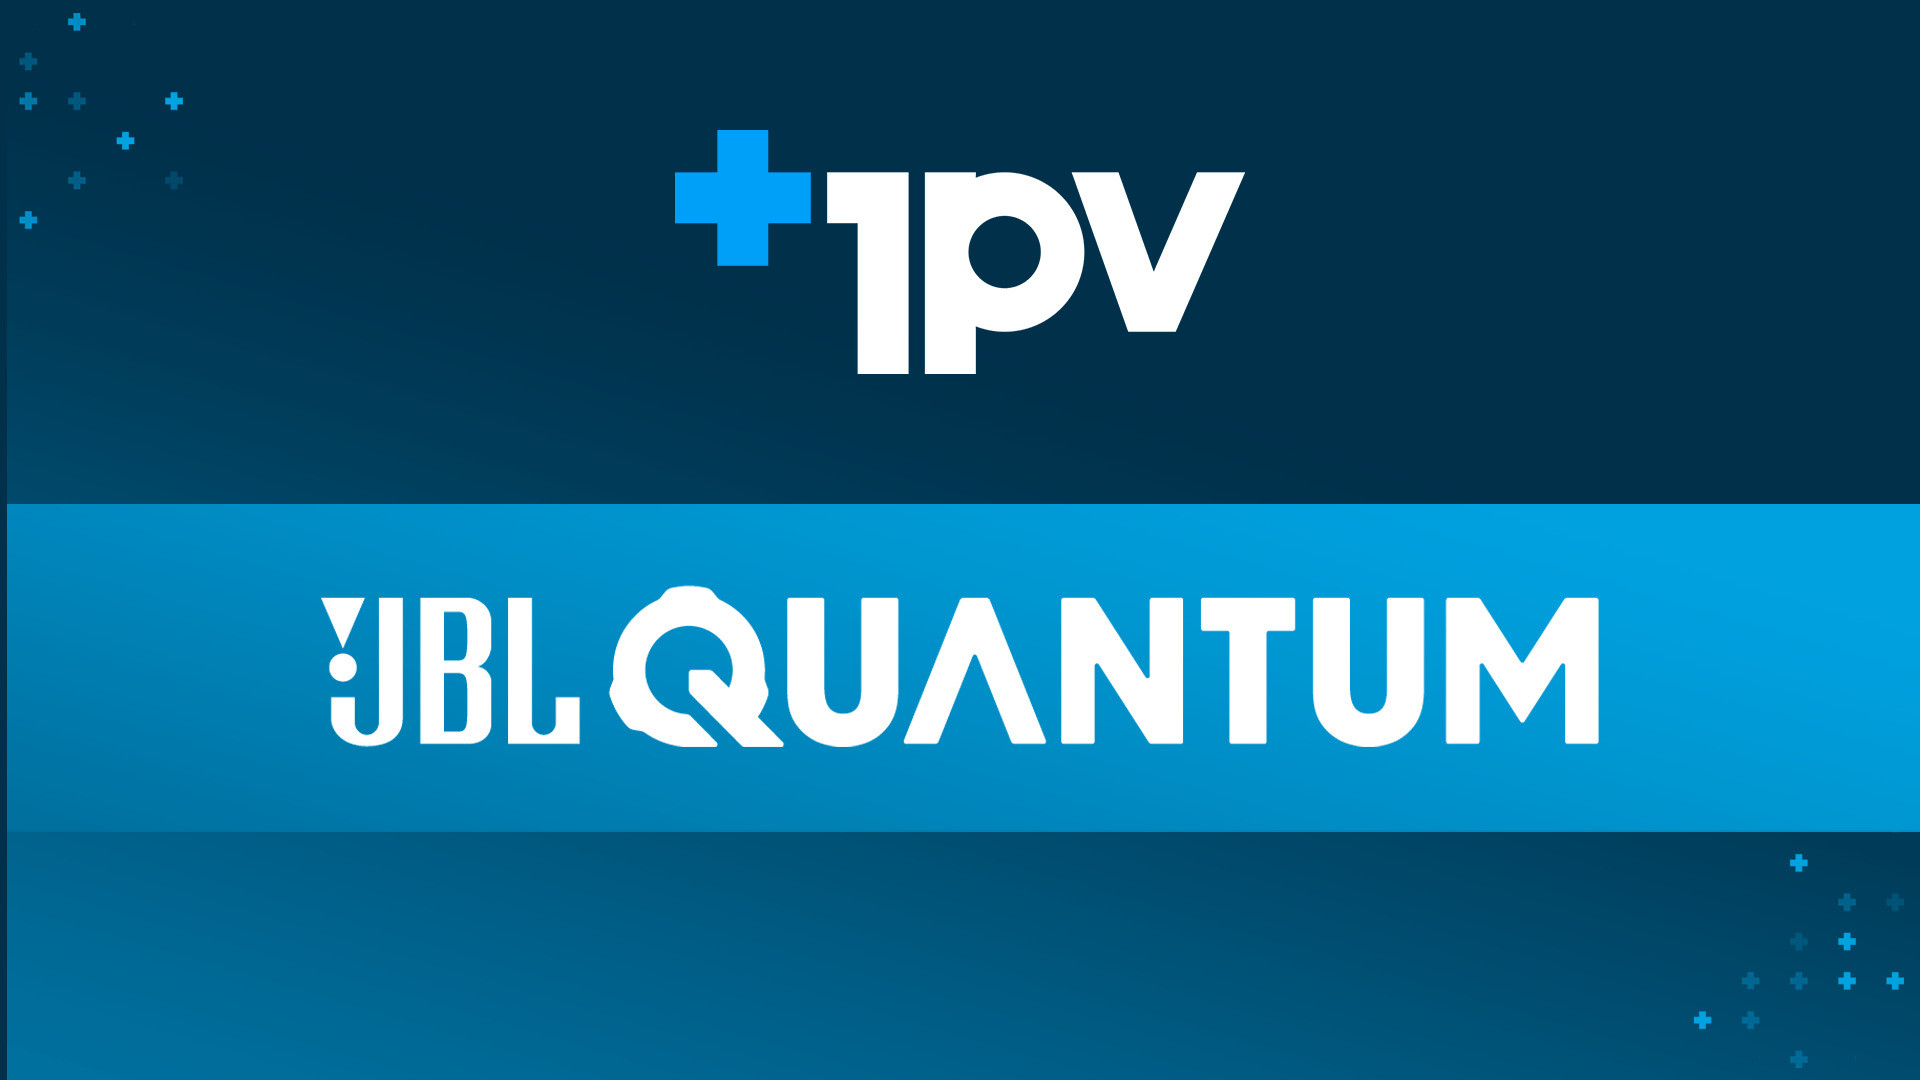 1pv présente le JBL Quantum CS:GO Challenge !